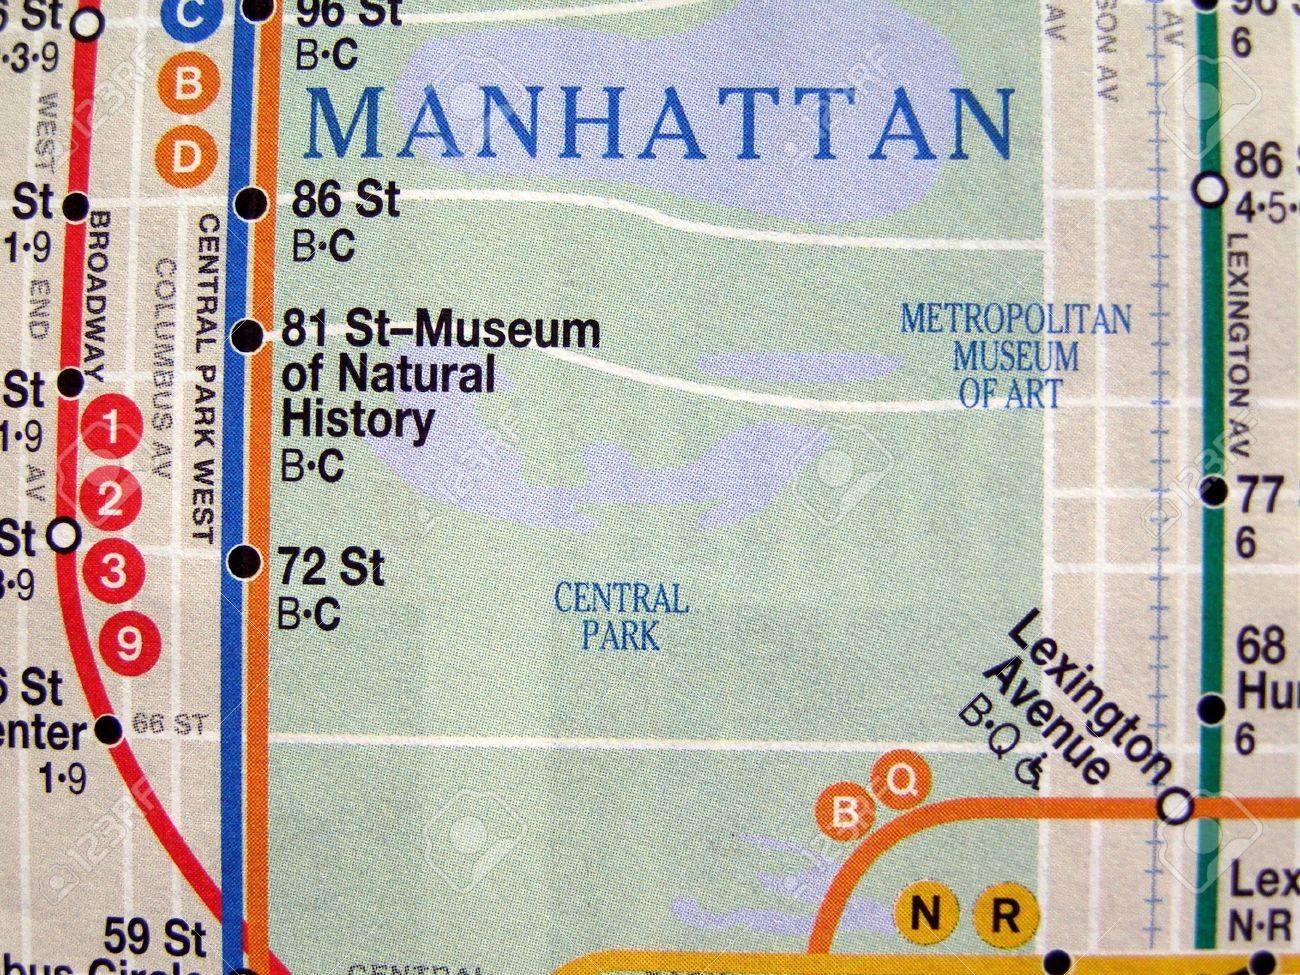 Map Of New York Subway Map.Subway Map Of The New York Underground Metro Tube Network